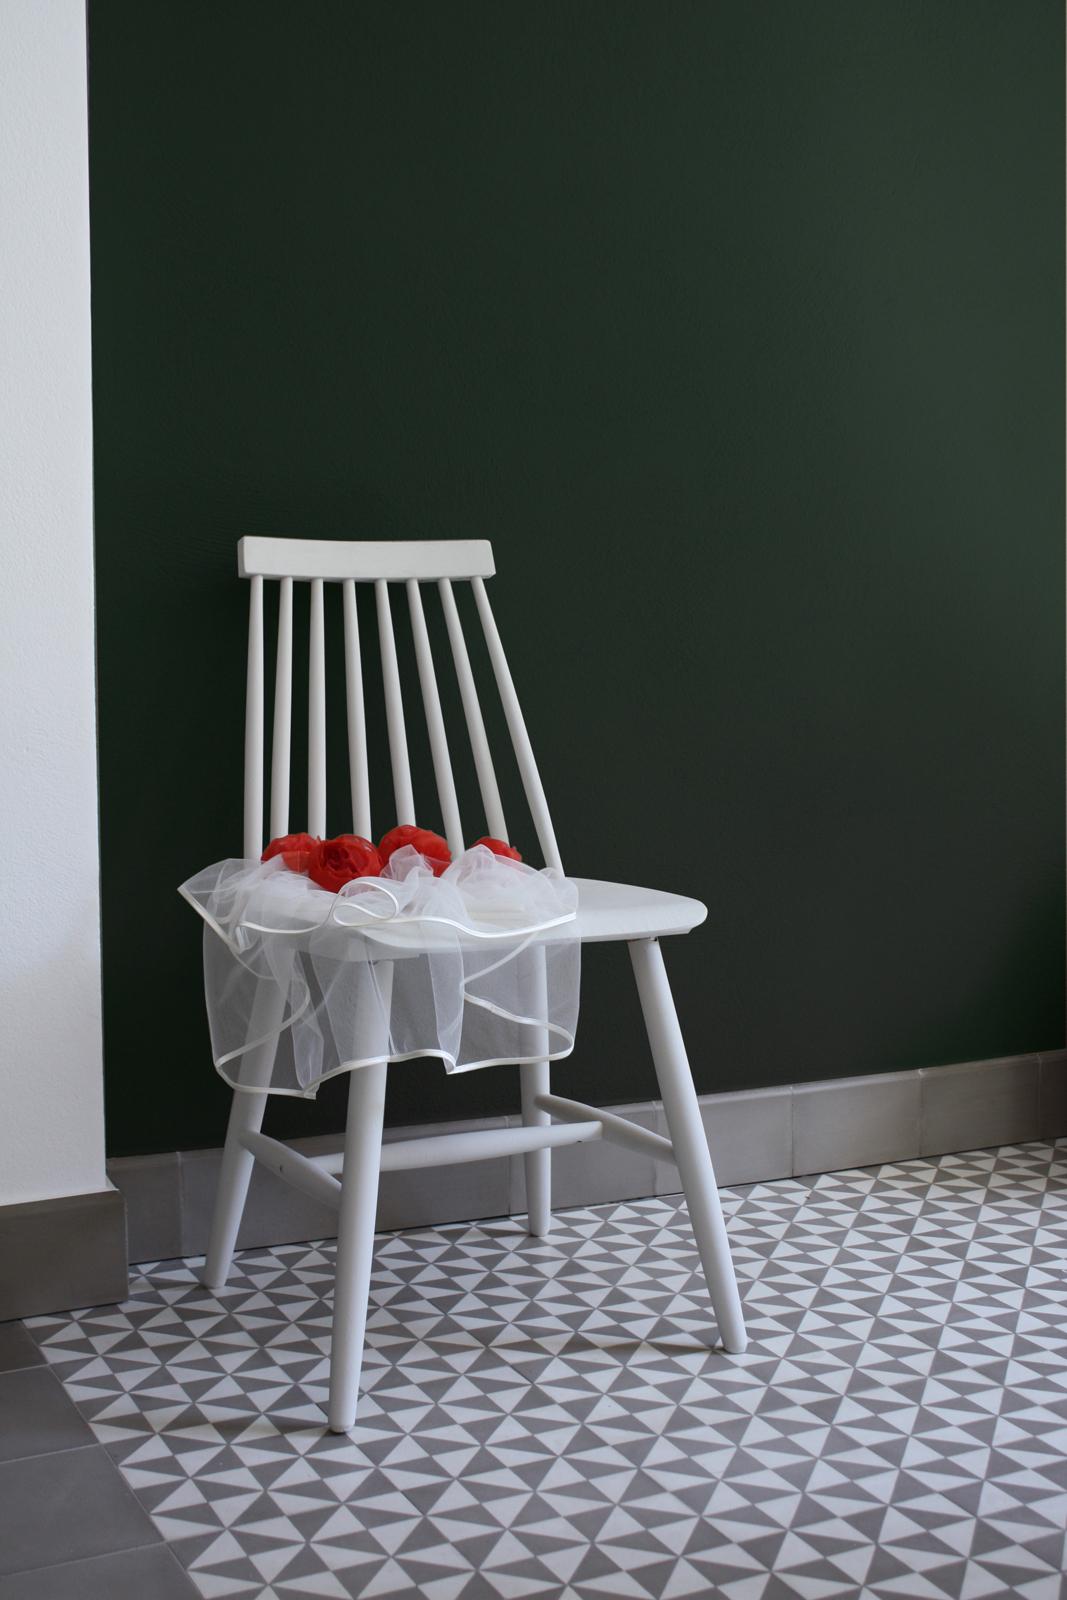 zementfliesen-terrazzofliesen-kreidefarbe-waldgruen-terrazzo-fugenlos-viaplatten-stuhl | Kreidefarbe Waldgrün 60 ml